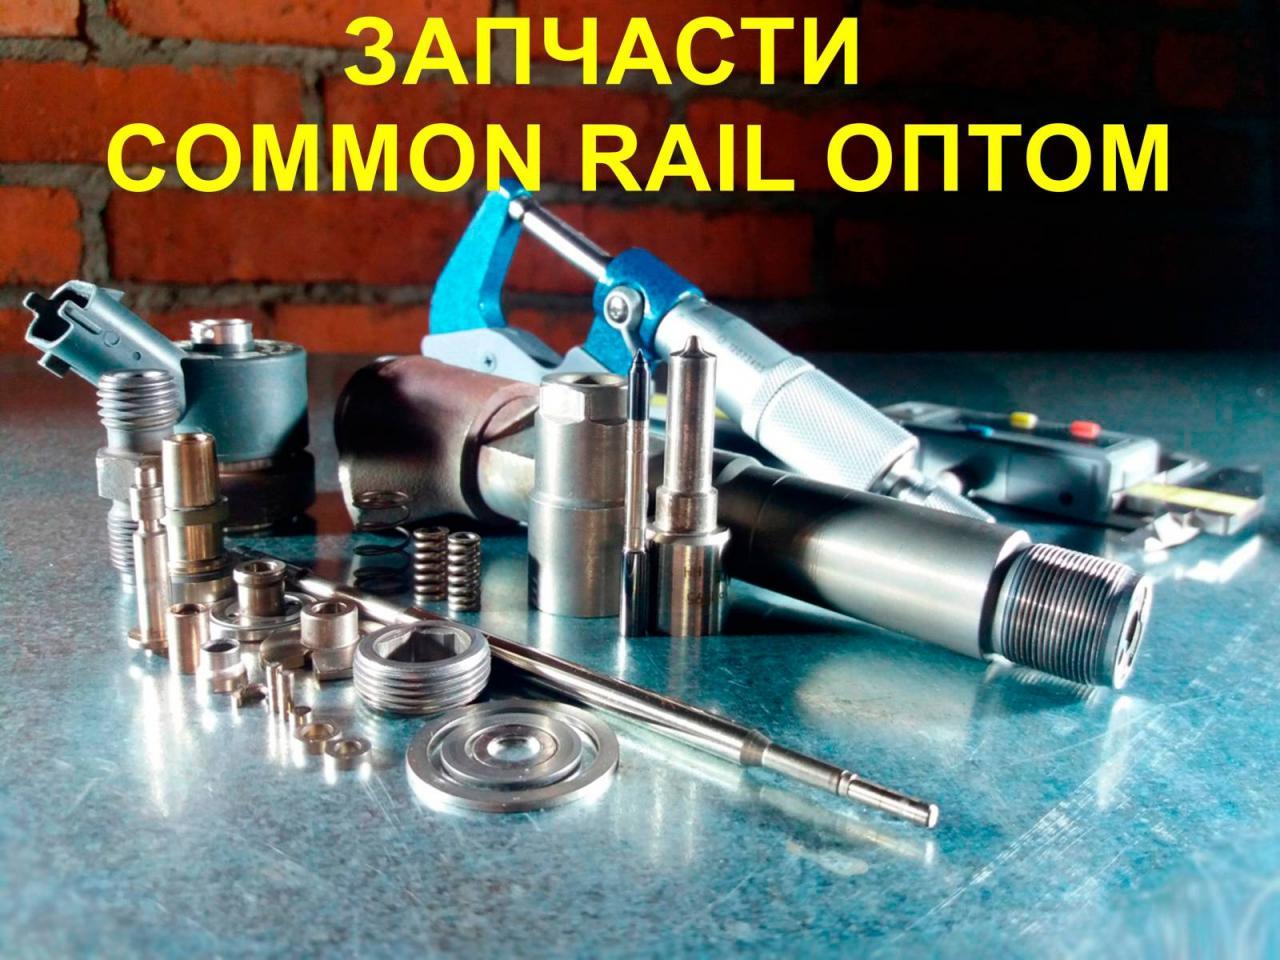 Запчасти для форсунок Common Rail (CRDI) оптом | фото 1 из 6